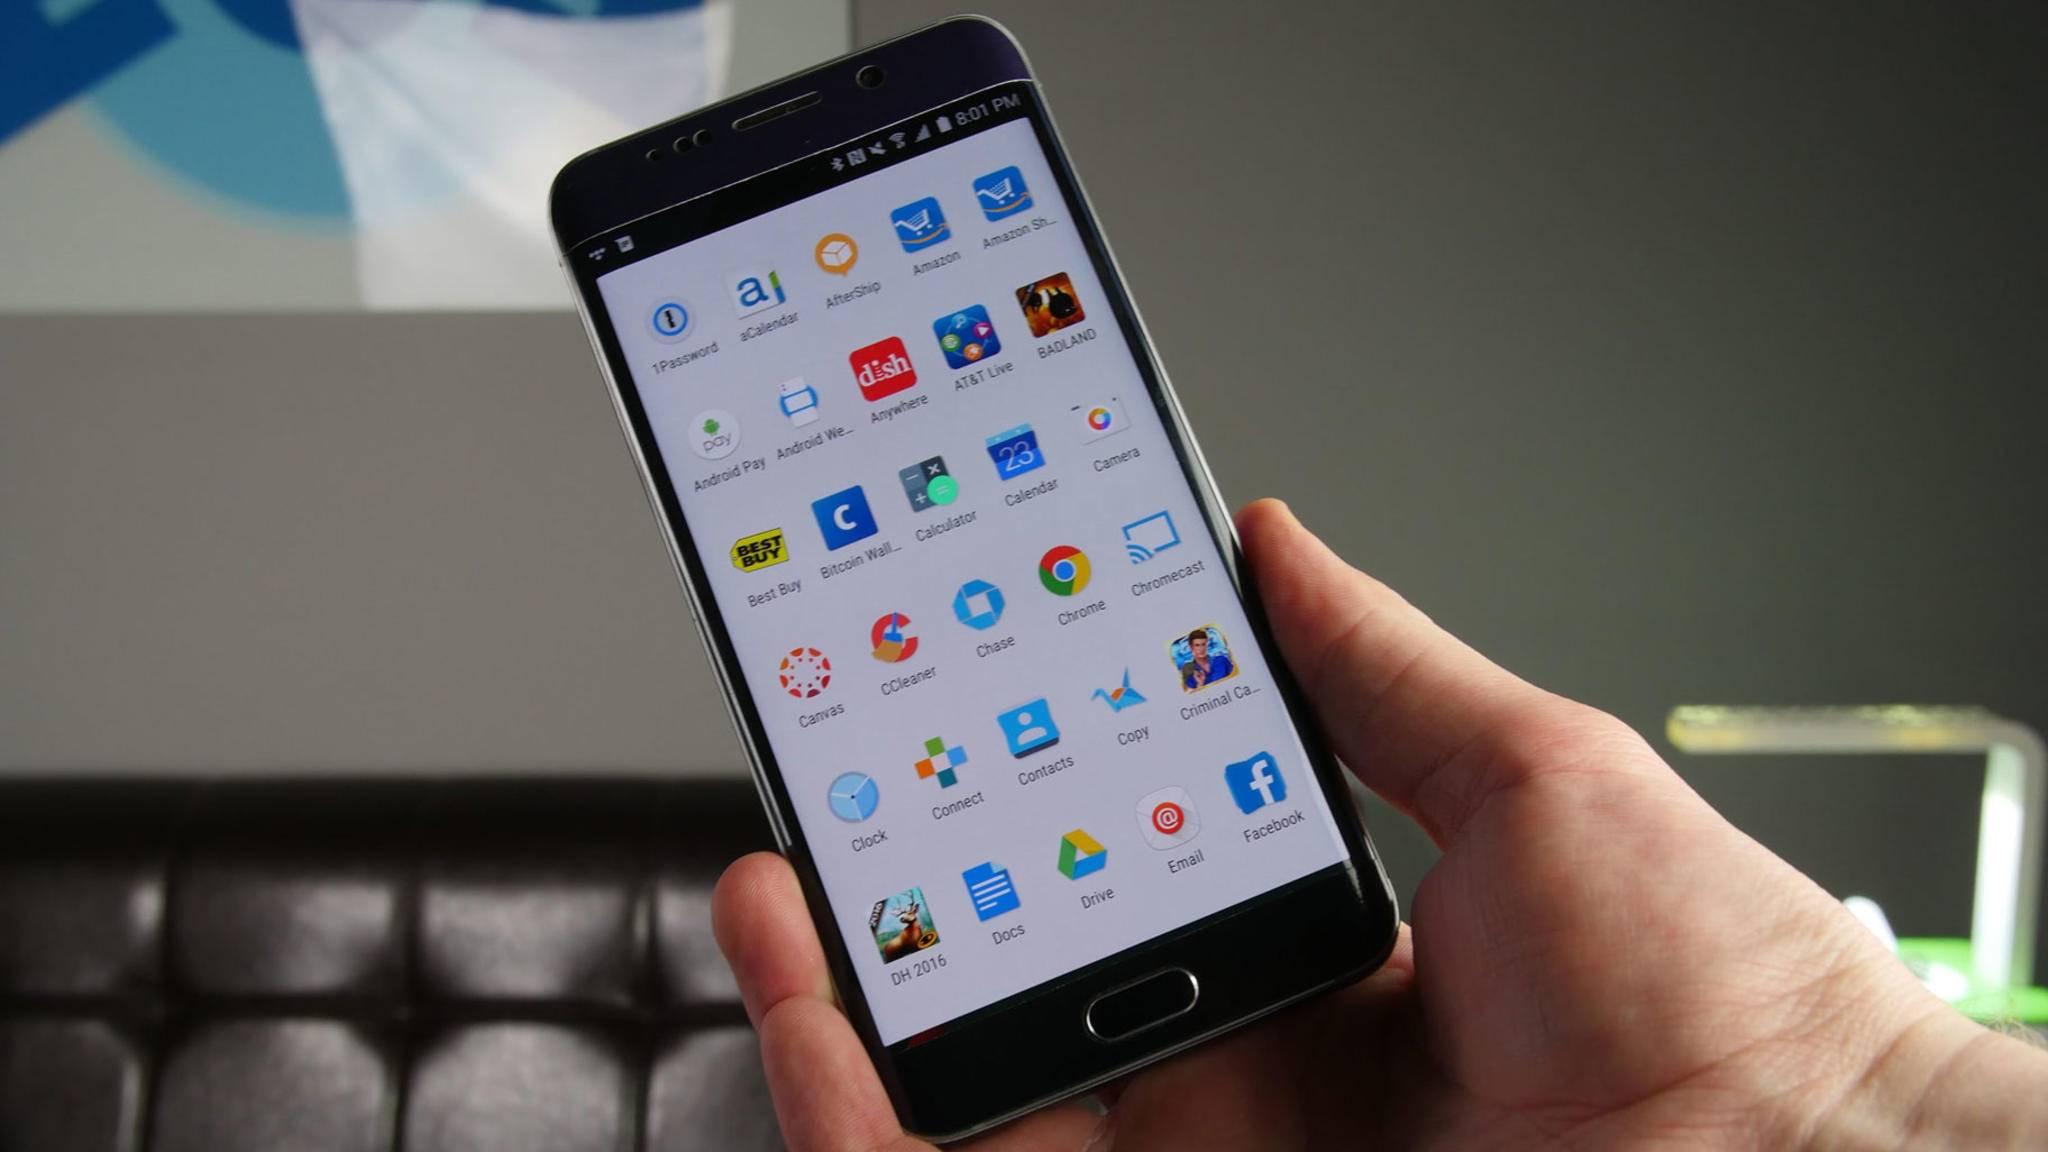 Auf vielen Smartphones ist immer noch reichlich Bloatware vorinstalliert – und so kannst Du die unerwünschten Programme deinstallieren.